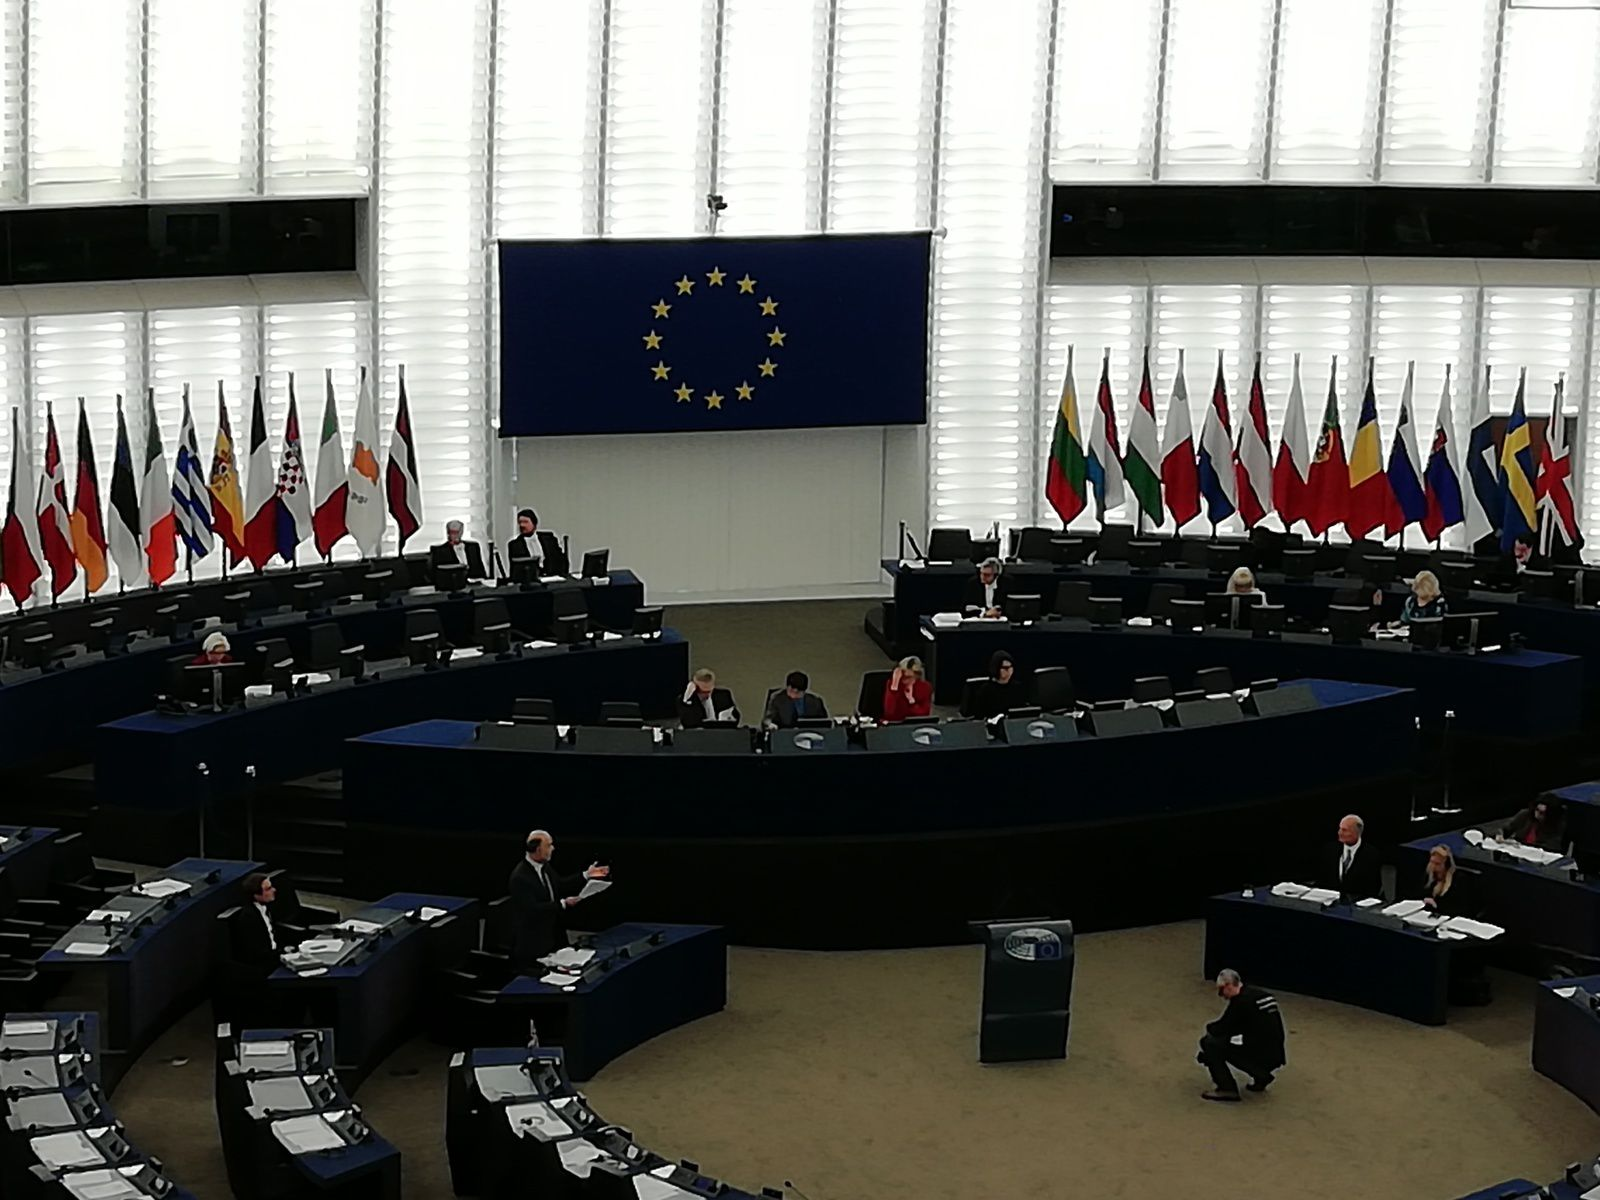 Pierre MOSCOVIVI devant le député européens : persévérer dans le renforcement de la zone euro